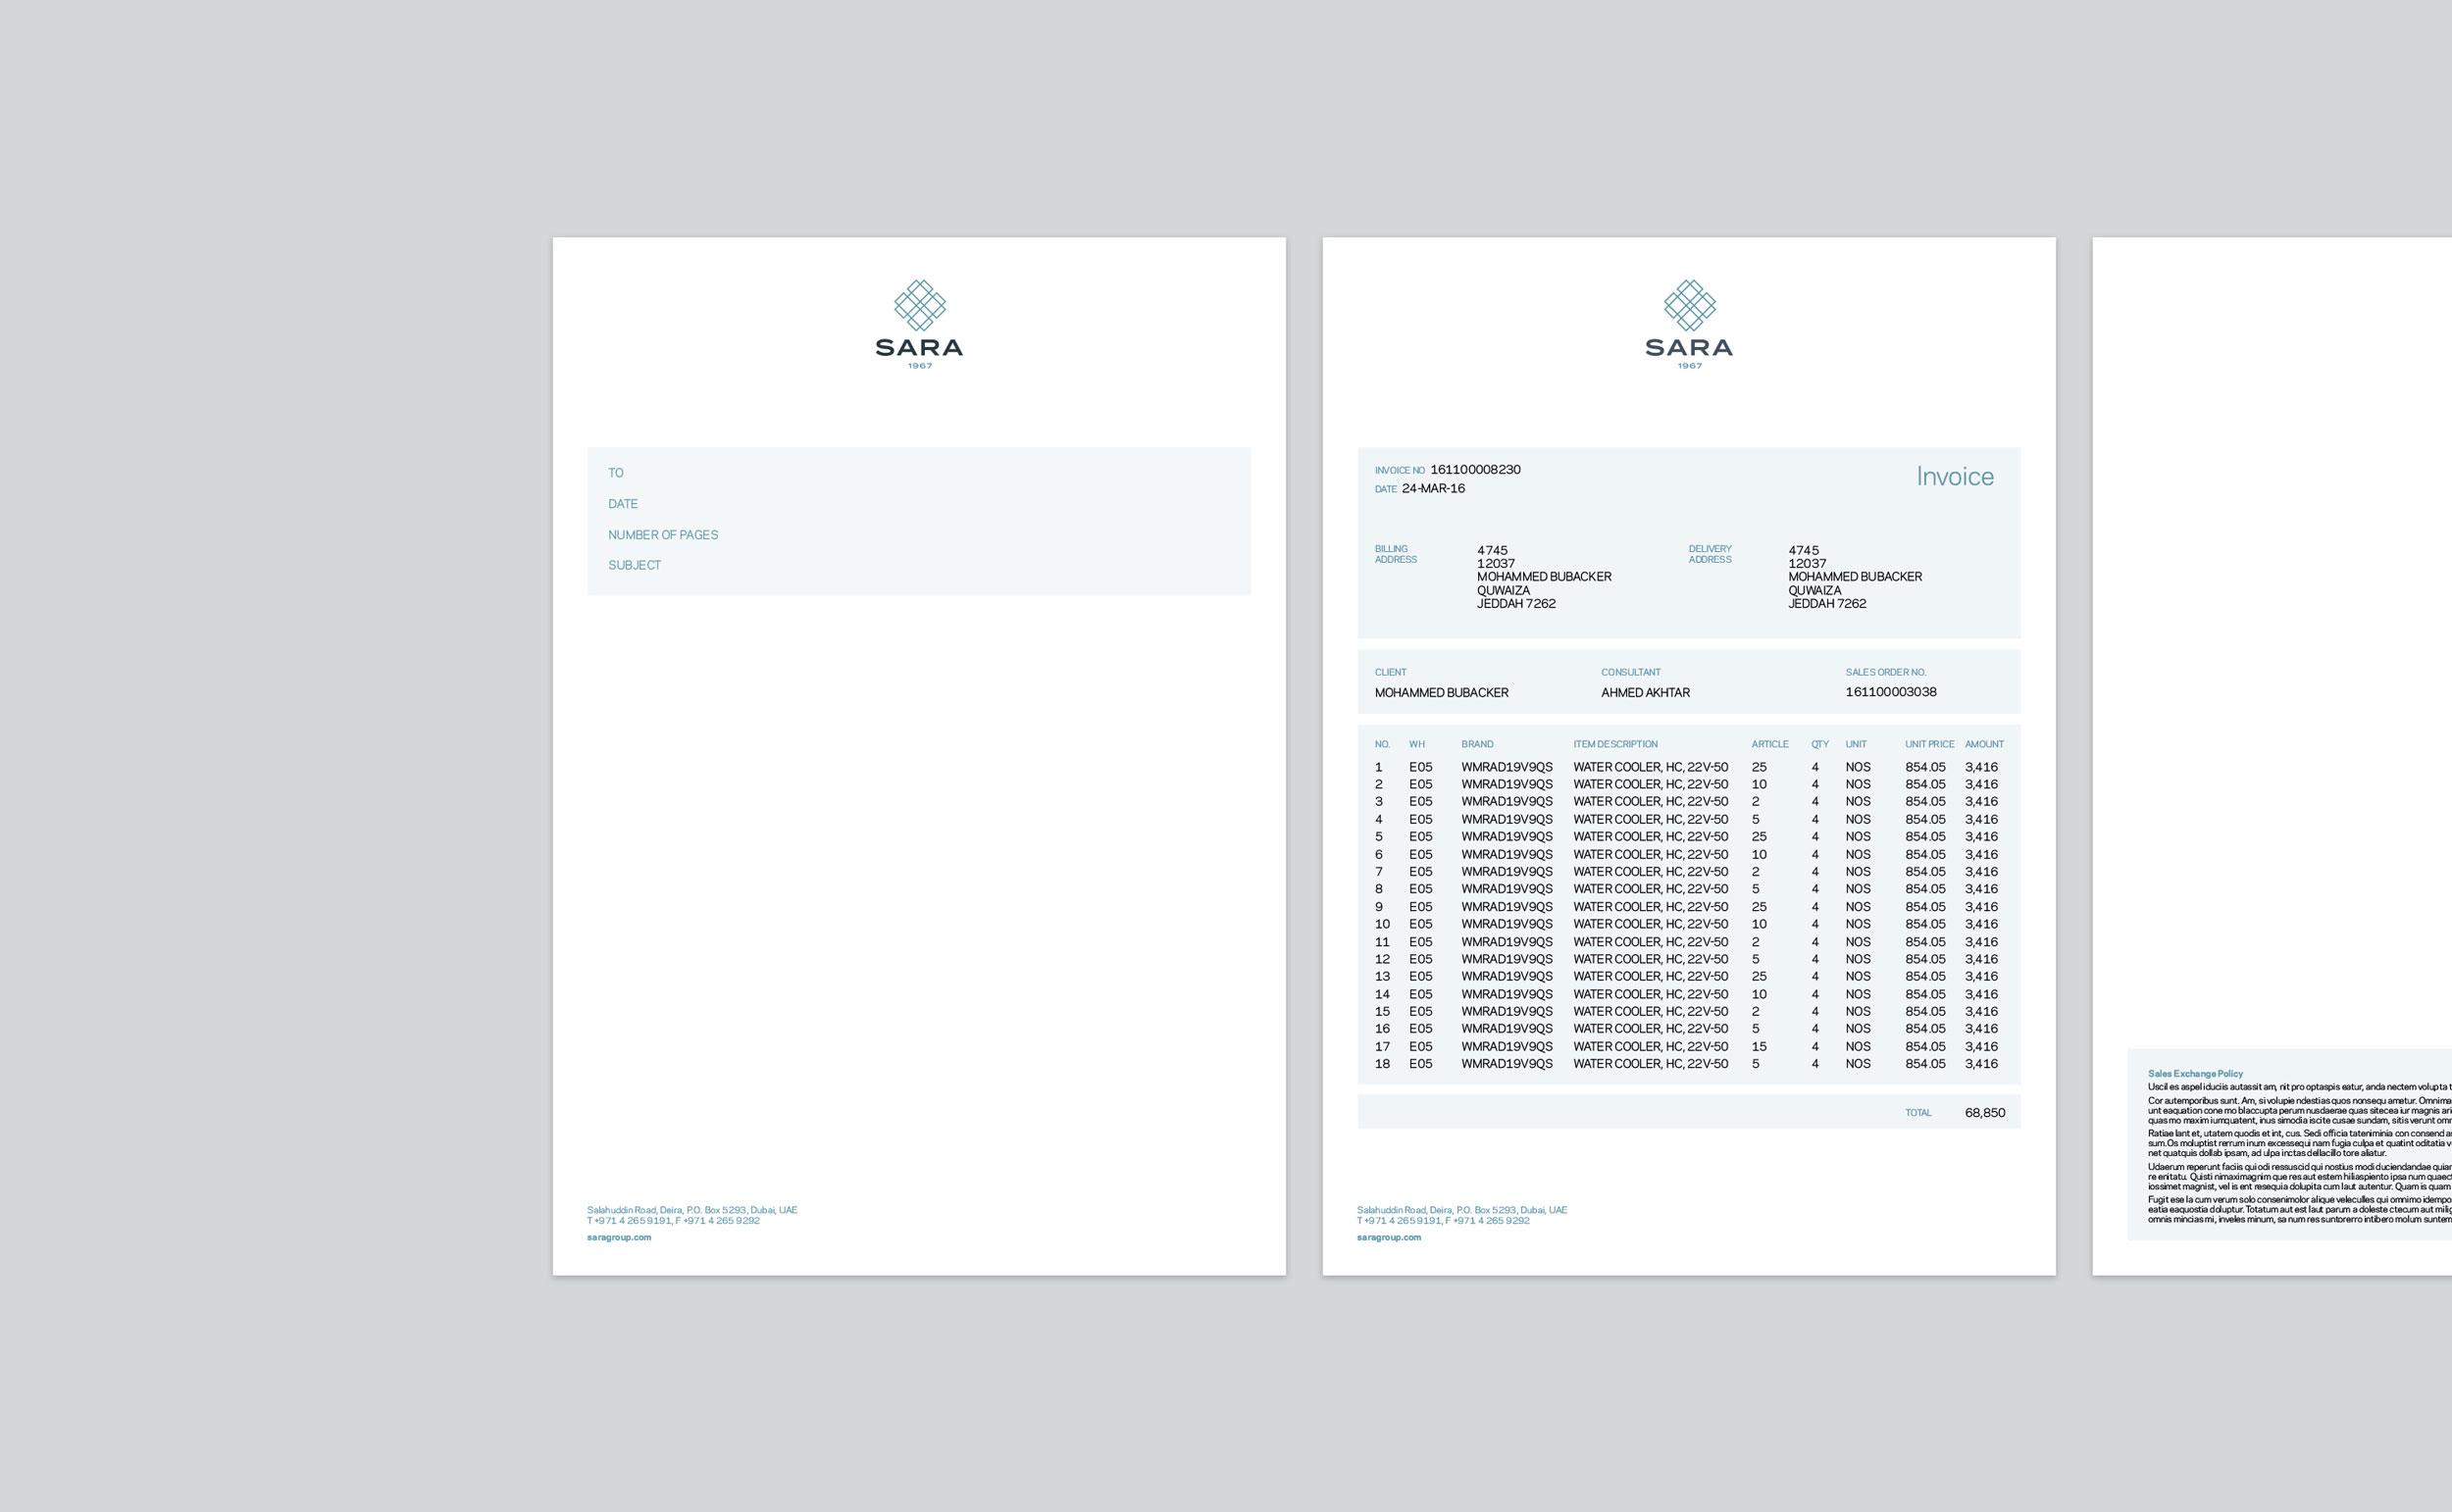 Sara-Group-Project-Visual-4